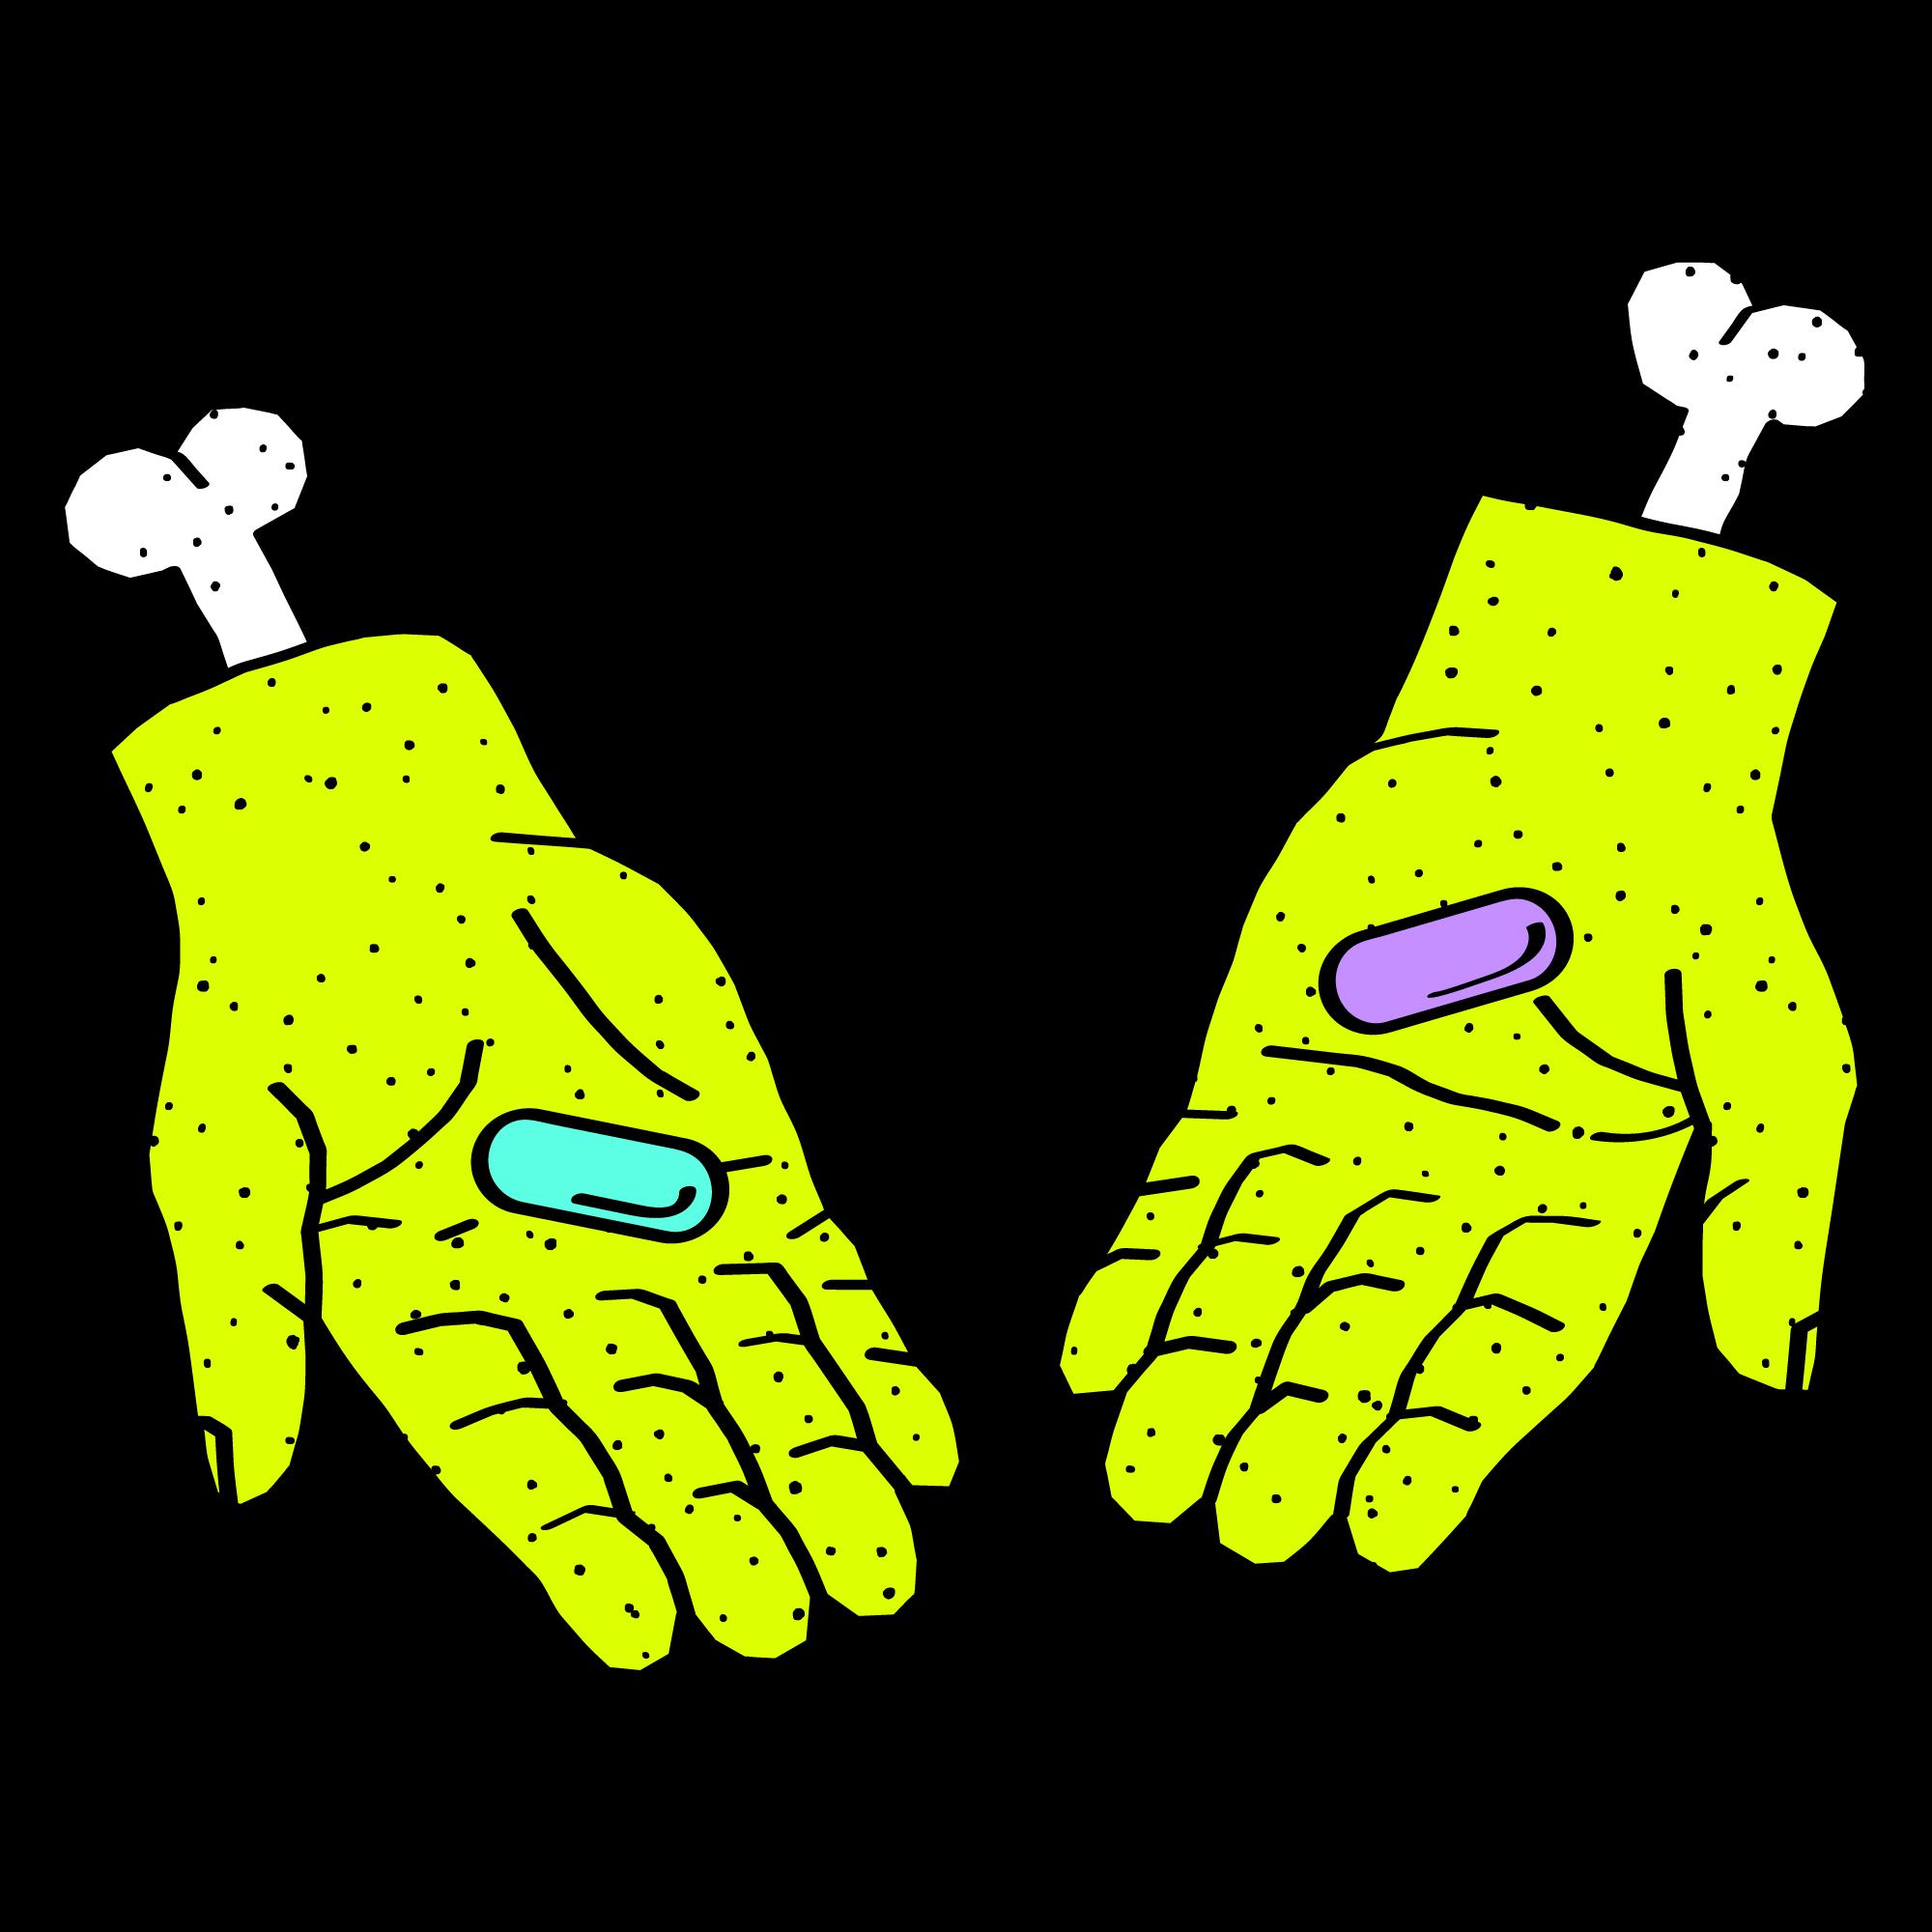 Фриланс-платформы можно условно разделить на две категории: bidding и non-bidding / Иллюстрация lemon.io